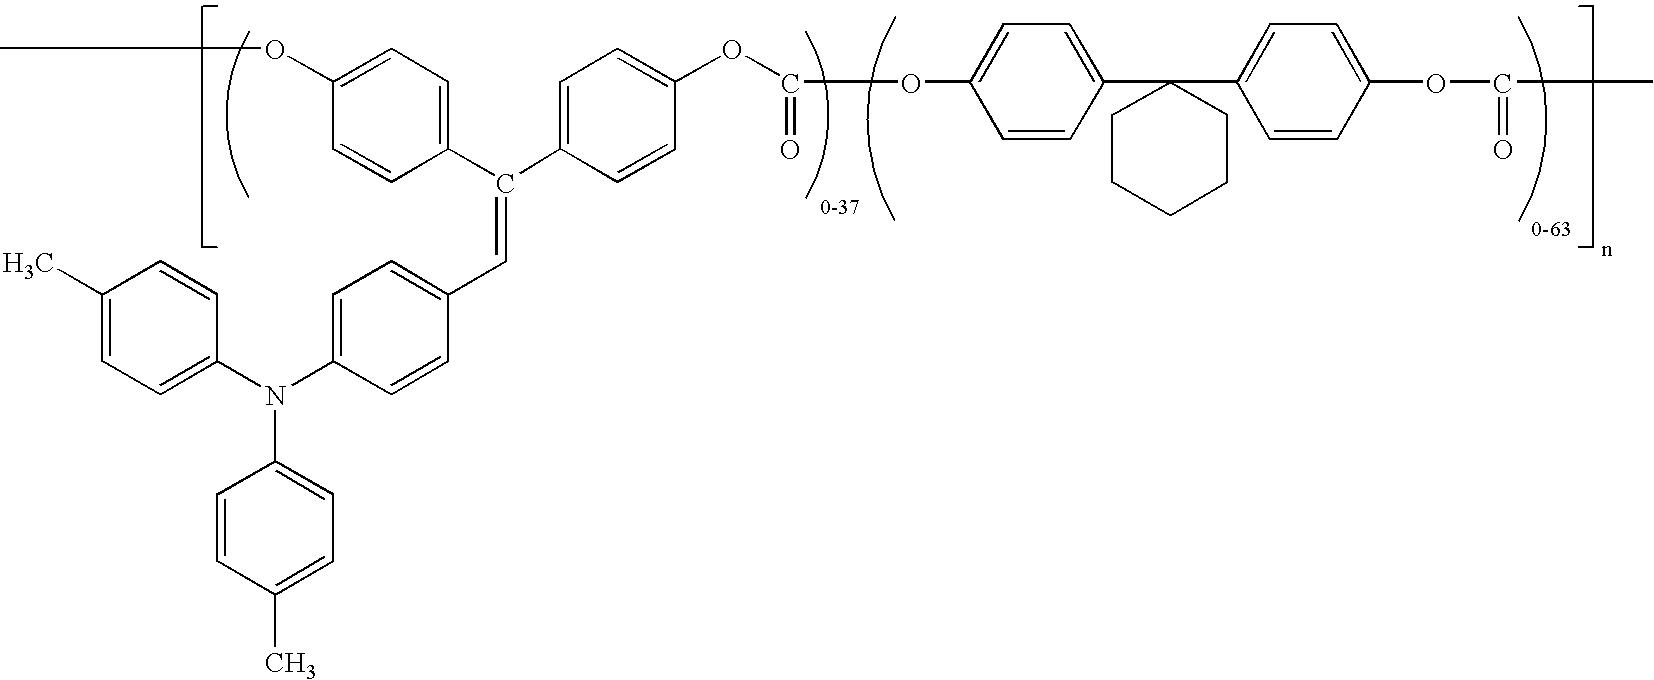 Figure US07482104-20090127-C00018